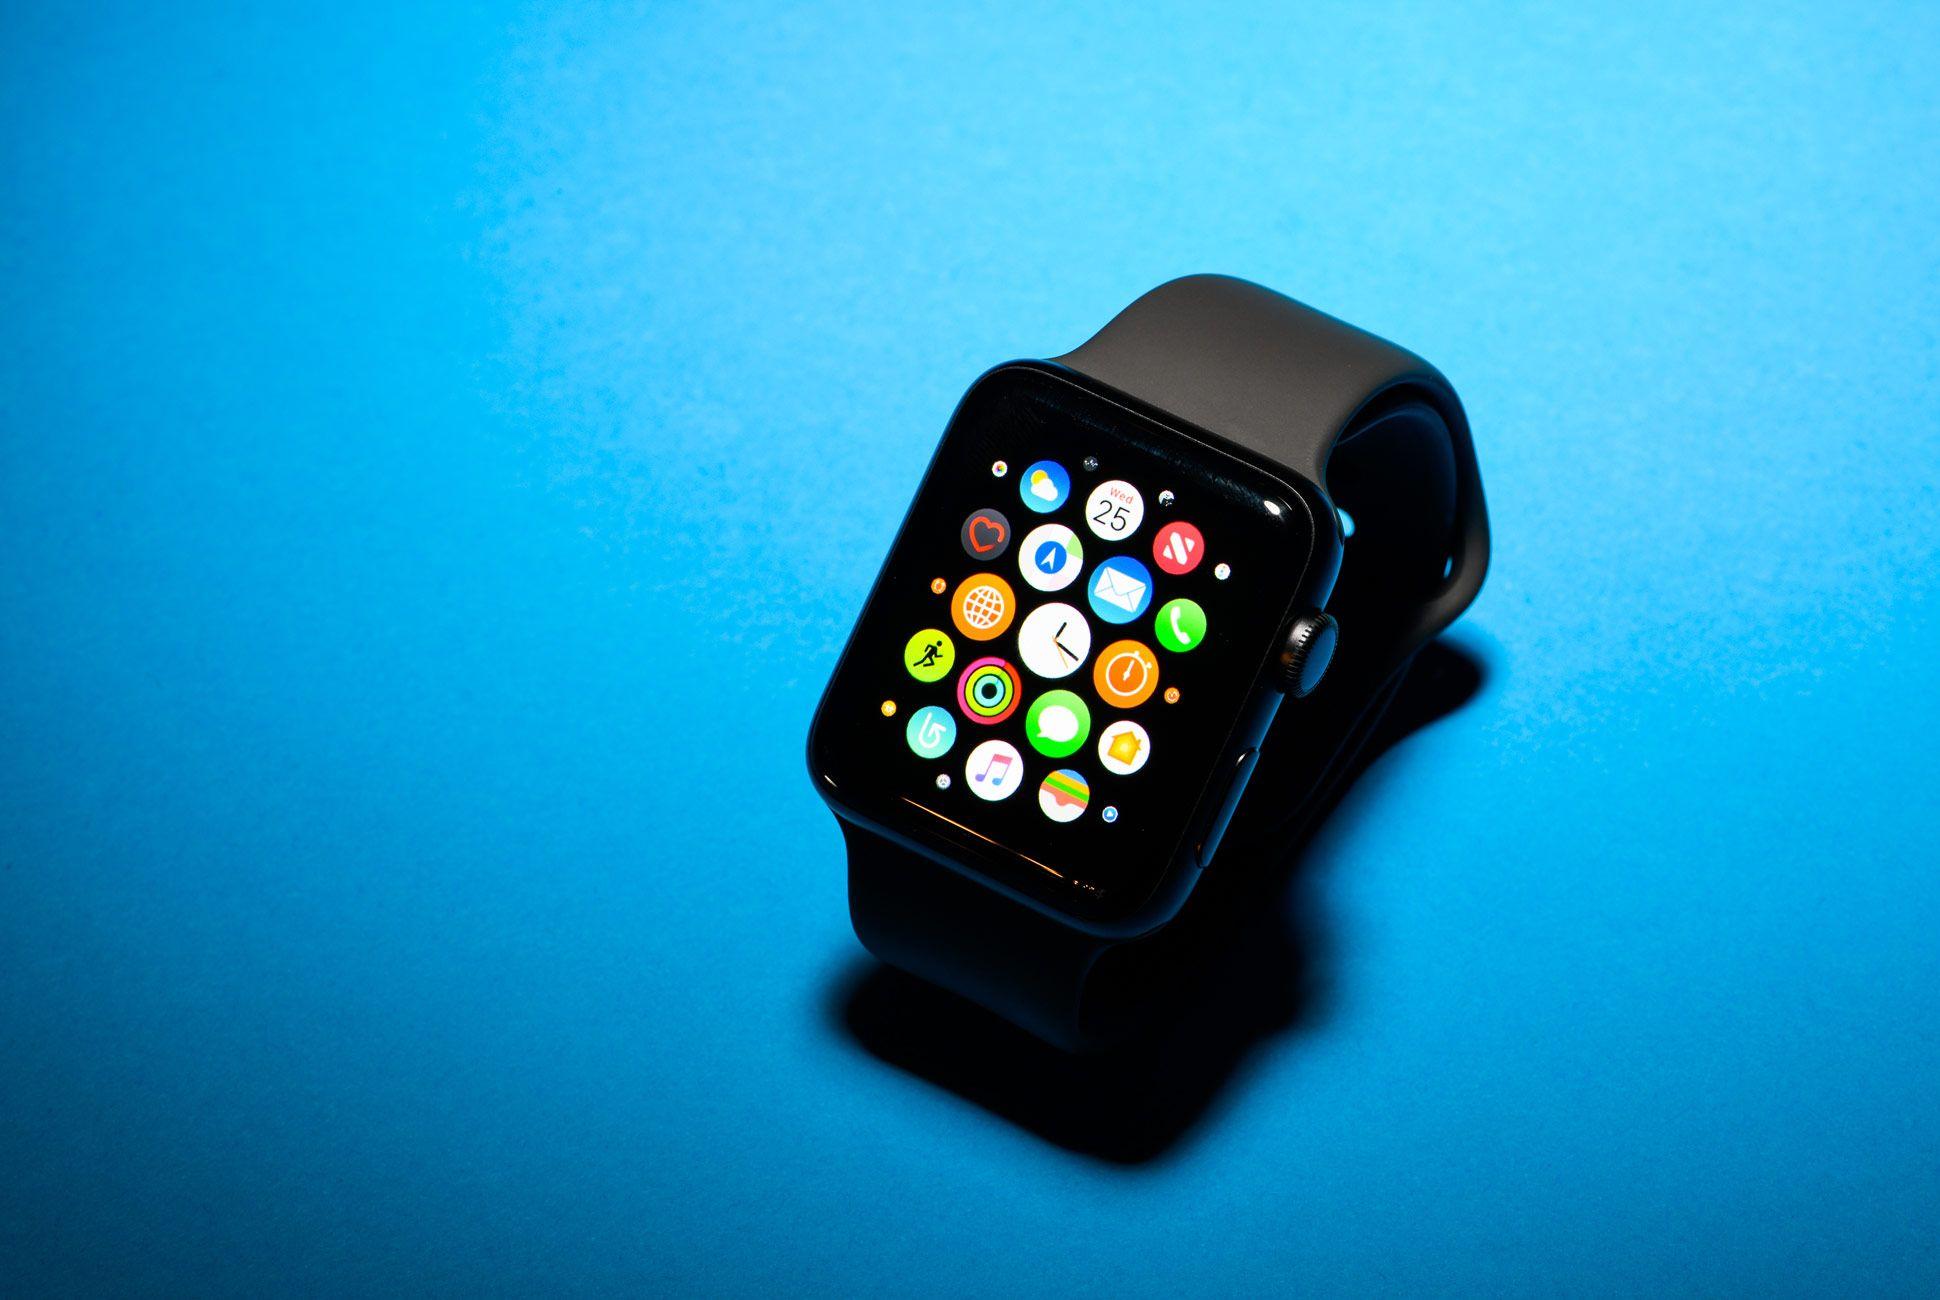 Apple-Watch-3-Gear-Patrol-Slide-2